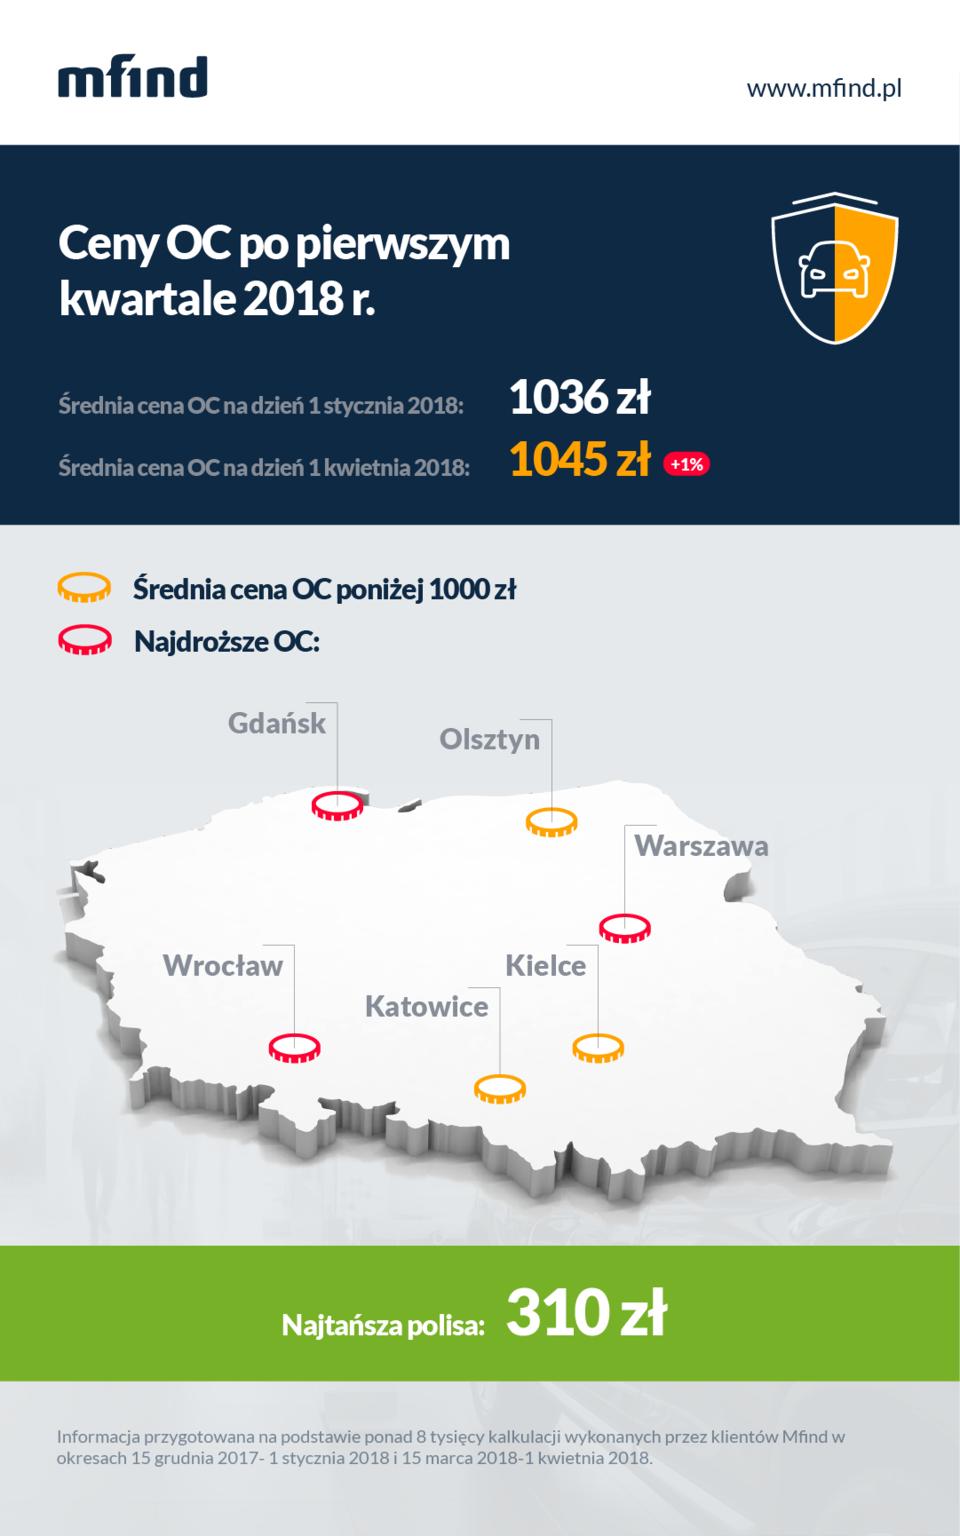 Cena ubezpieczenia OC, pierwszy kwartał 2018